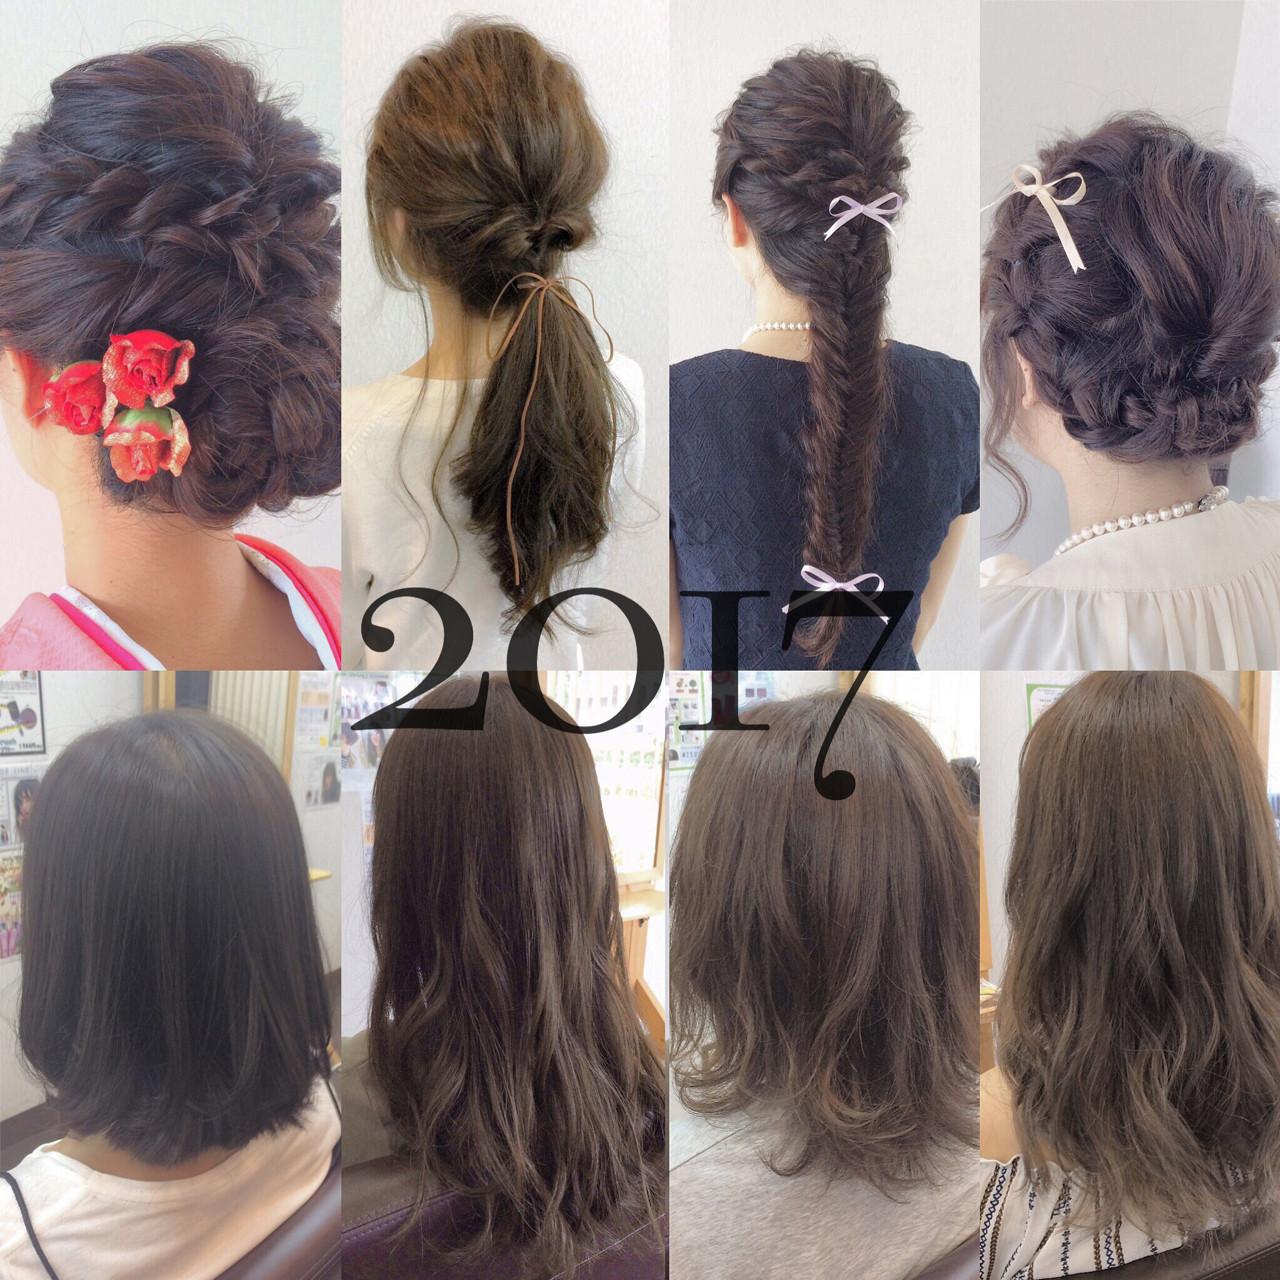 ミディアム アッシュ 外国人風 簡単ヘアアレンジ ヘアスタイルや髪型の写真・画像